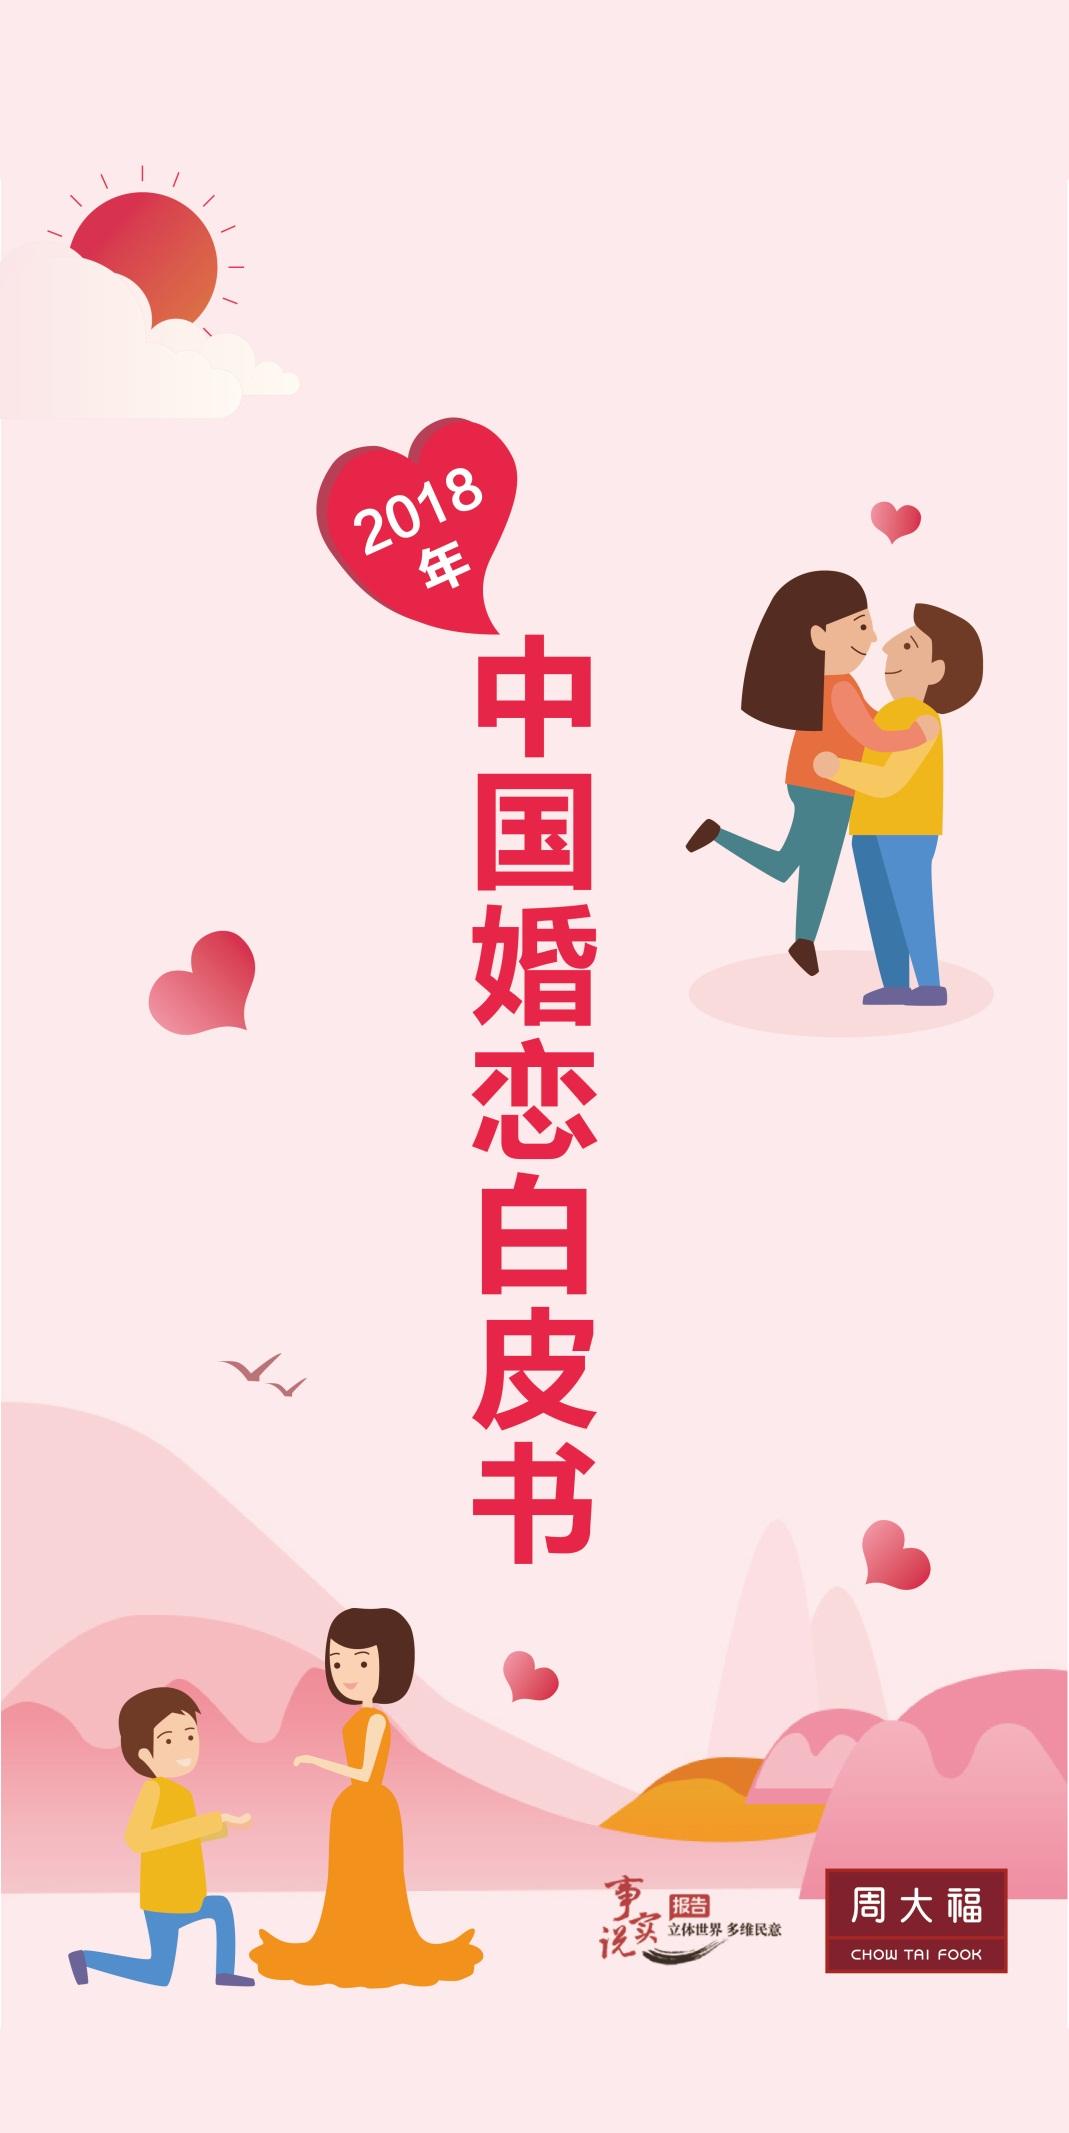 婚恋关系中,哪个阶段最难?